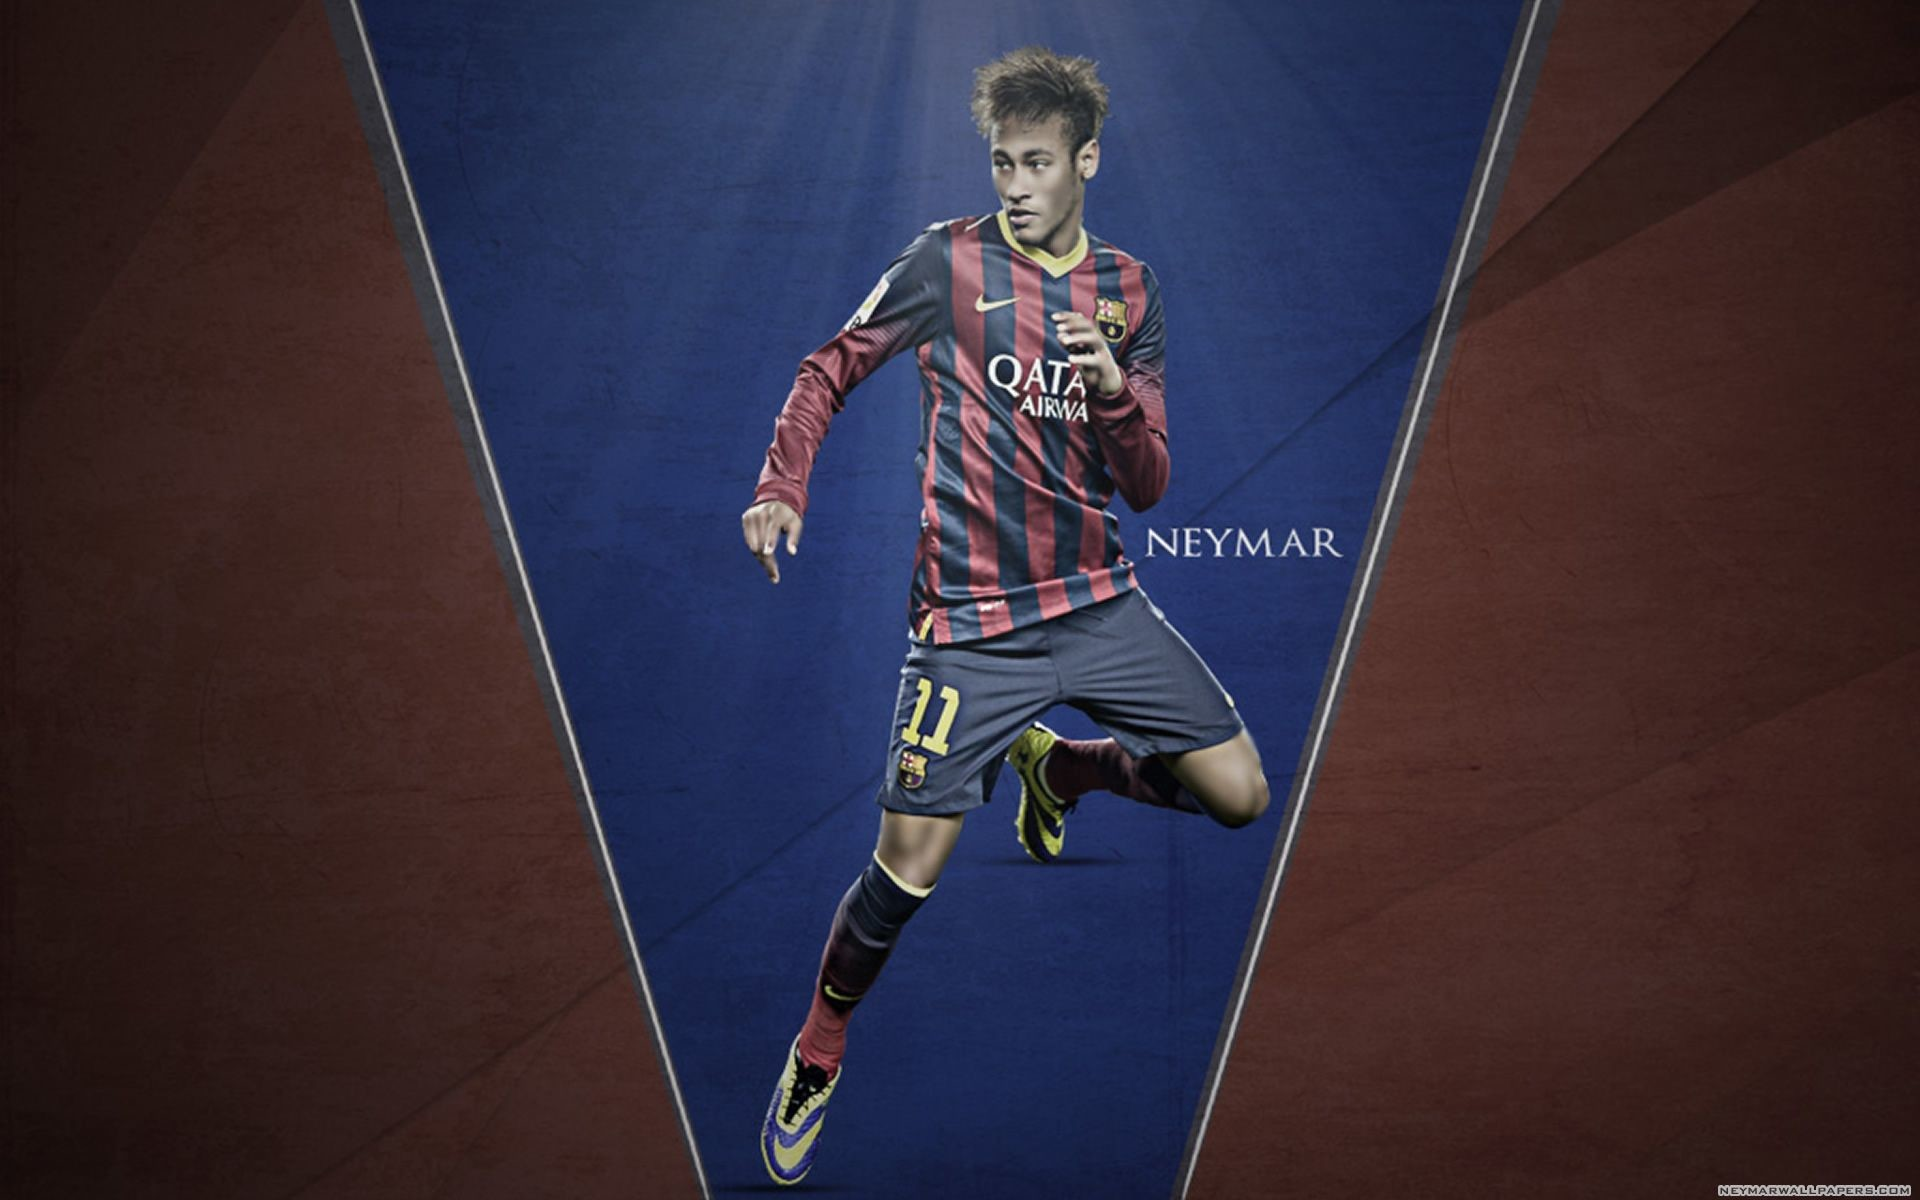 Neymar Wallpaper HD تنزيل Neymar Wallpaper HD Suarez Messi Neymar HD  wallpaper by SelvedinFCB on DeviantArt 1920×1200